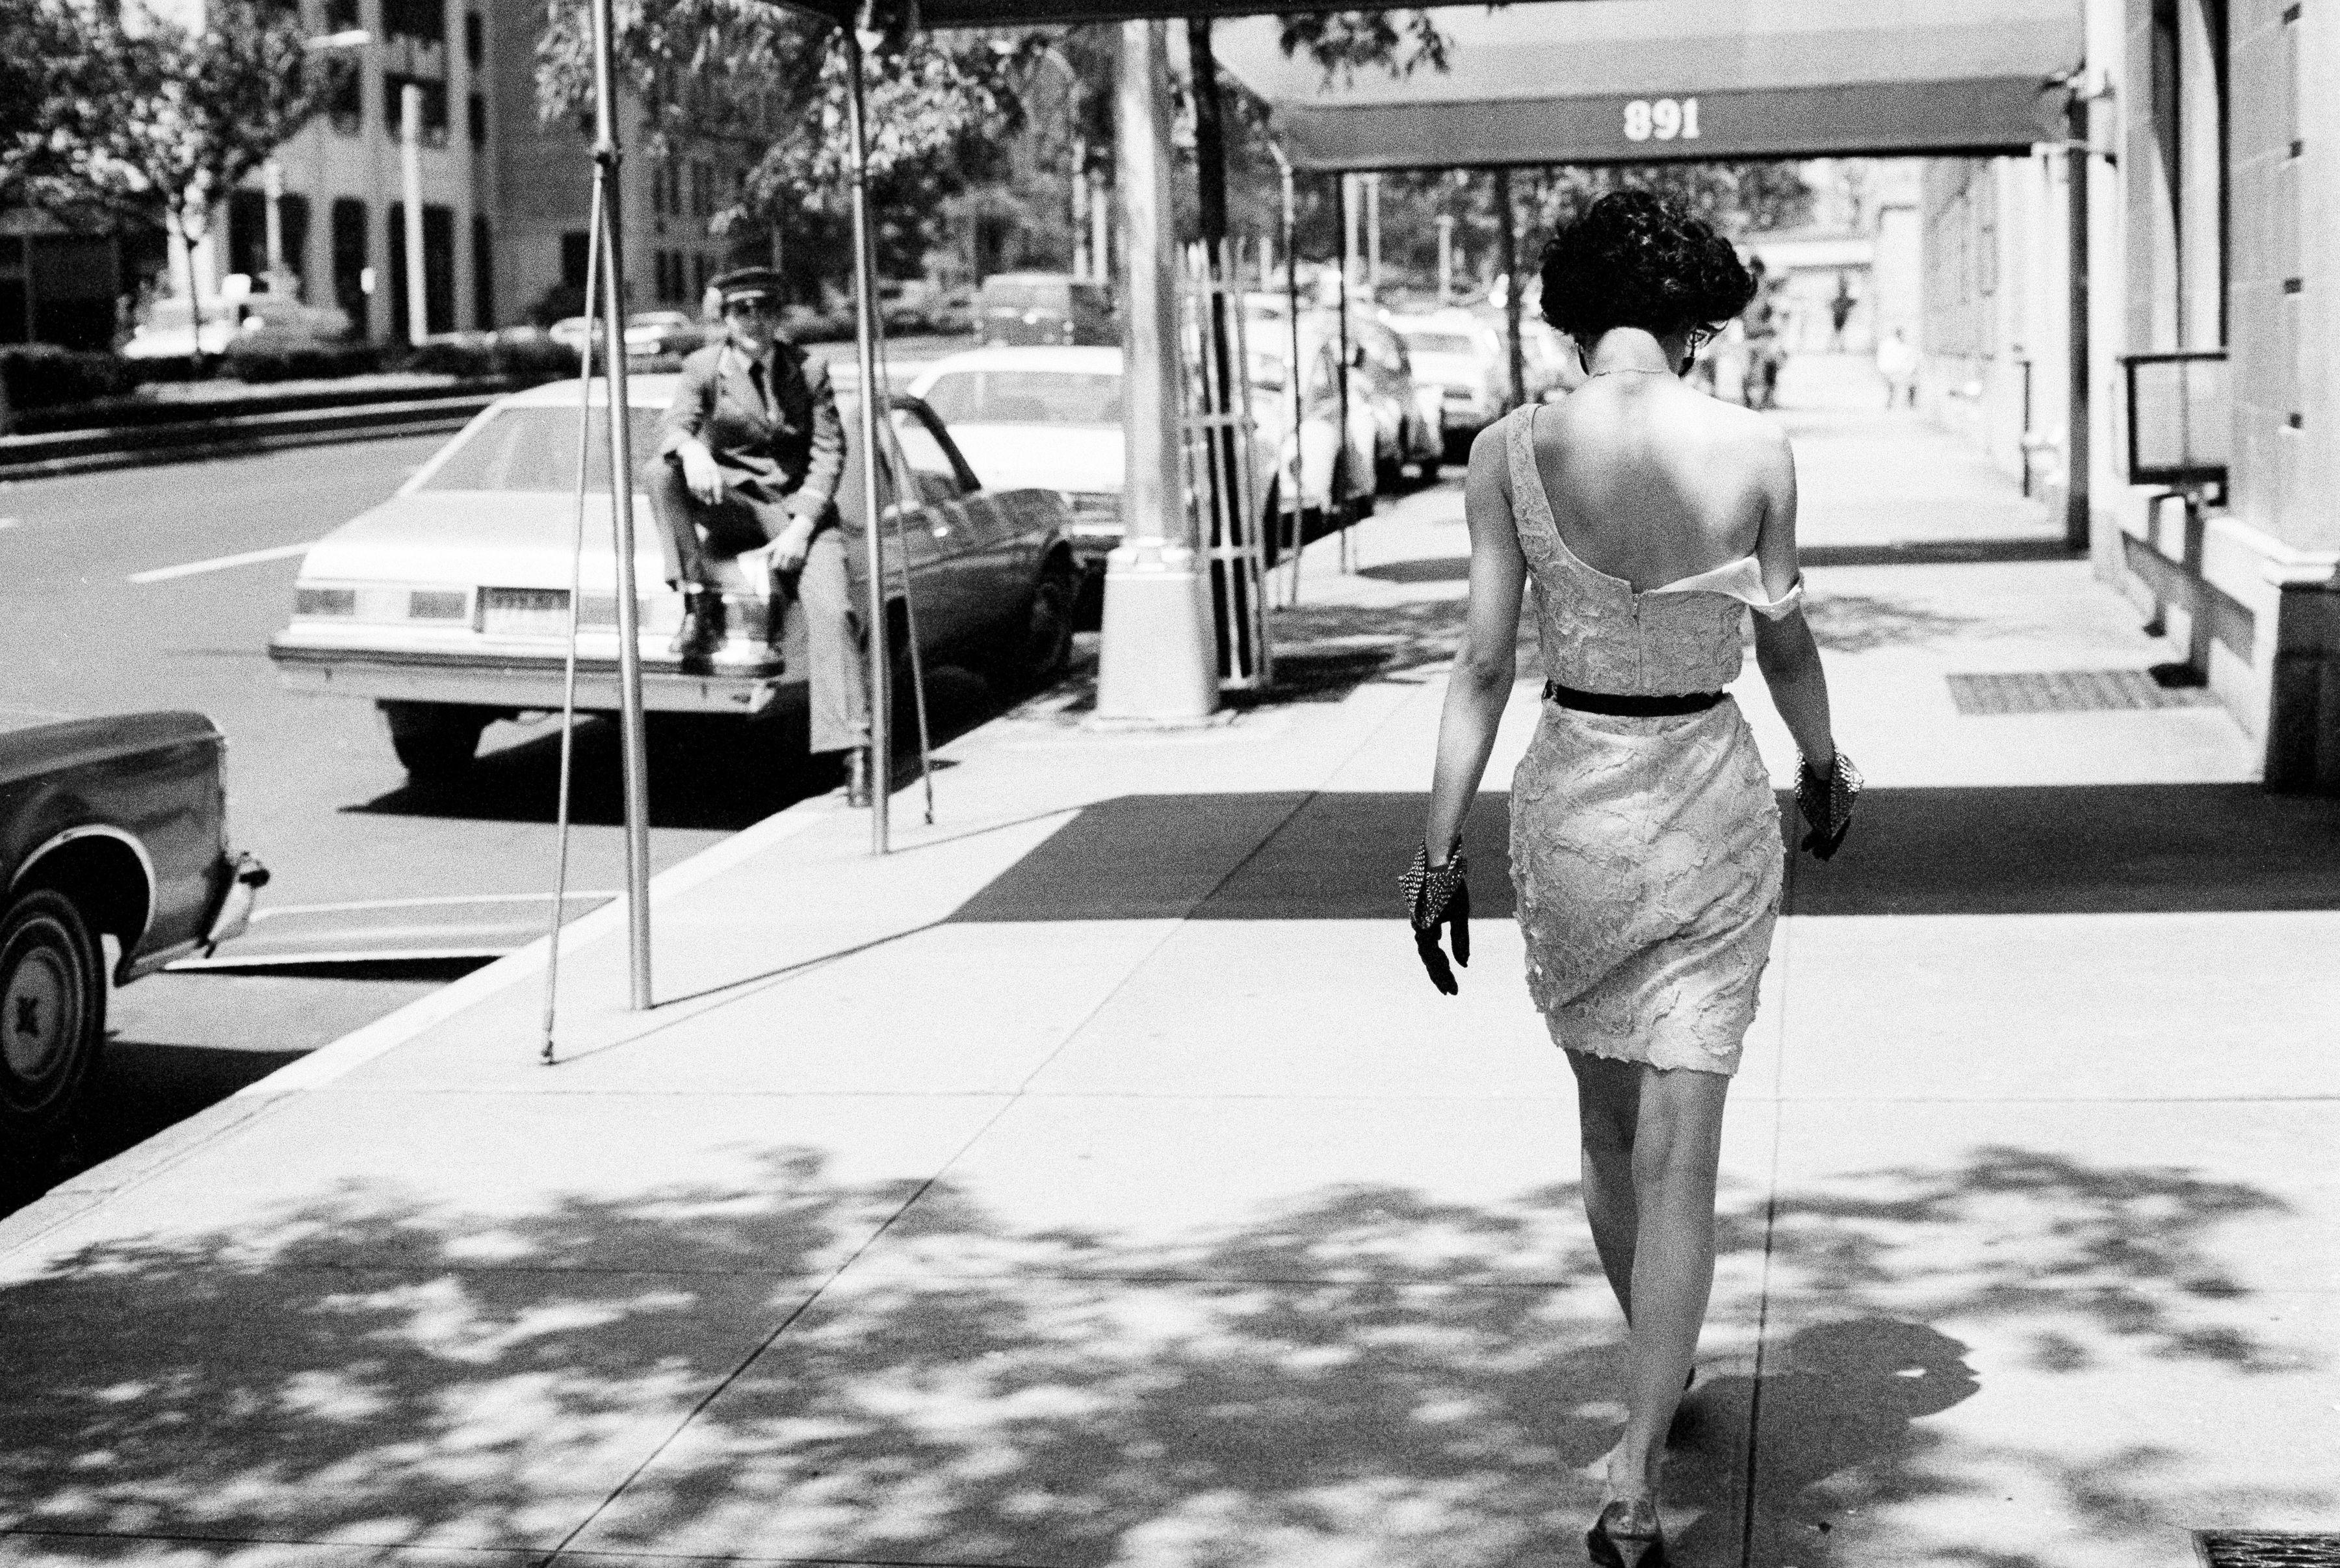 Wendy Whitelaw, 1981, New York City